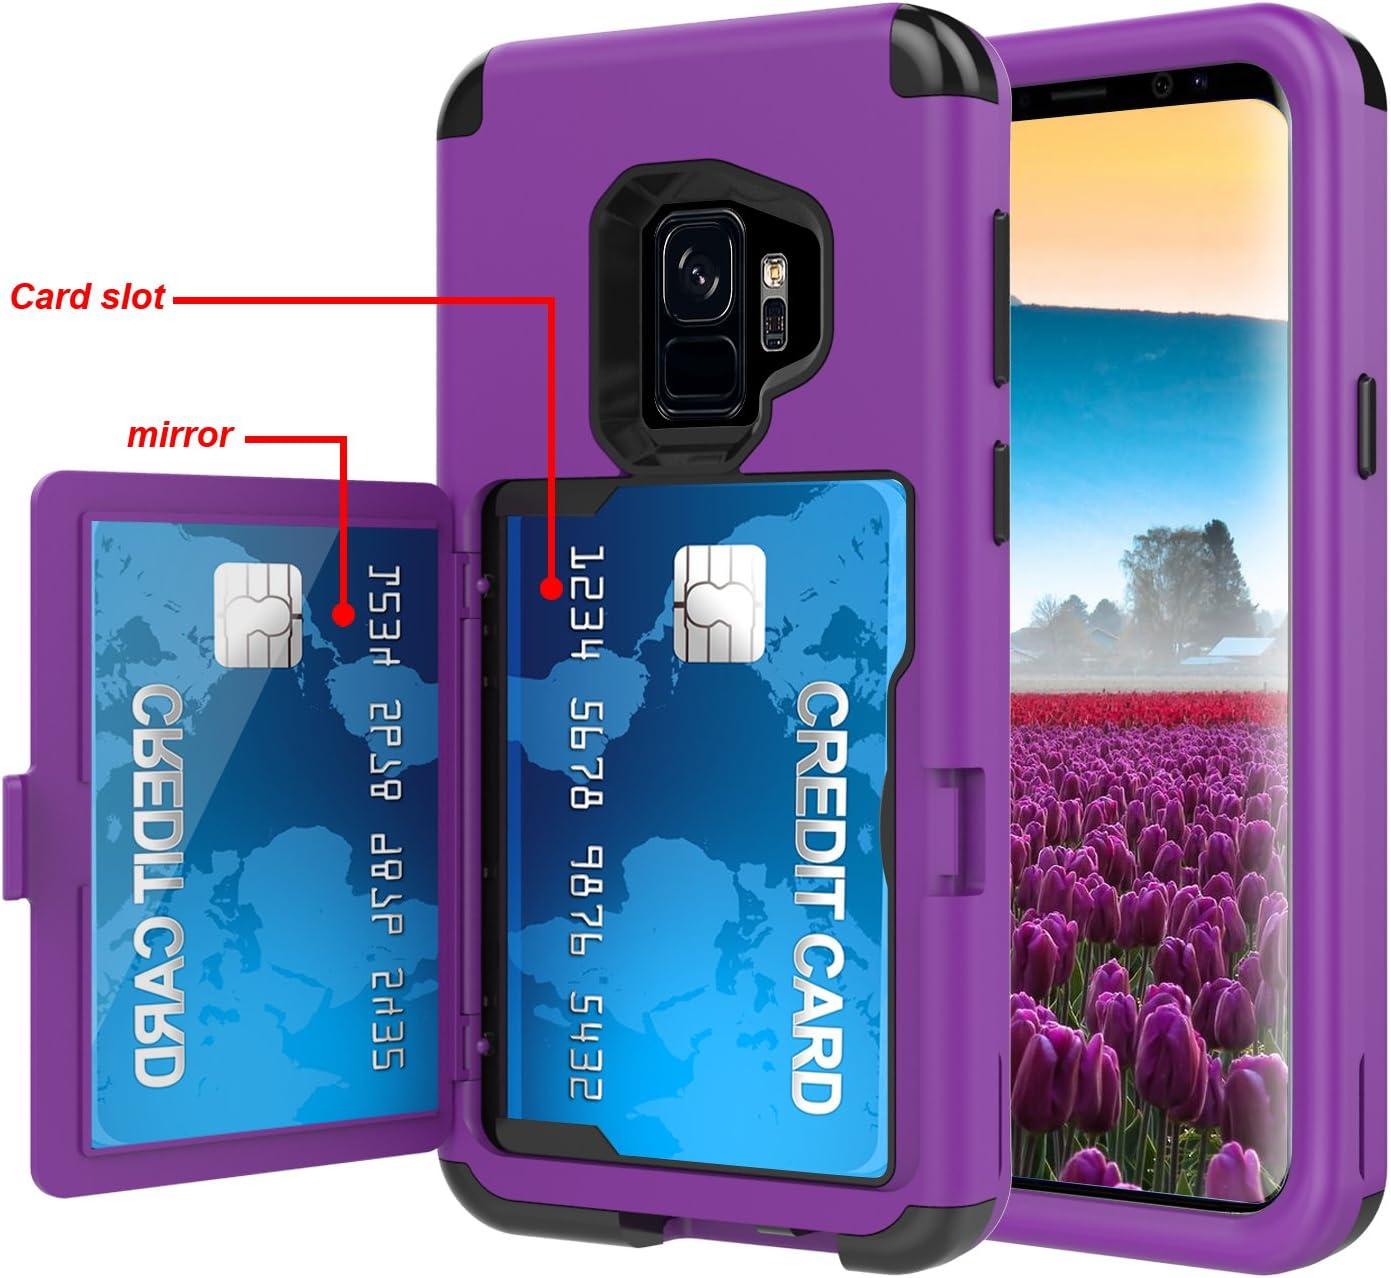 Sumsung Galaxy S9 Étui portefeuille 3 en 1 résistant aux chocs avec miroir arrière caché et porte-cartes pour Samsung Galaxy S9